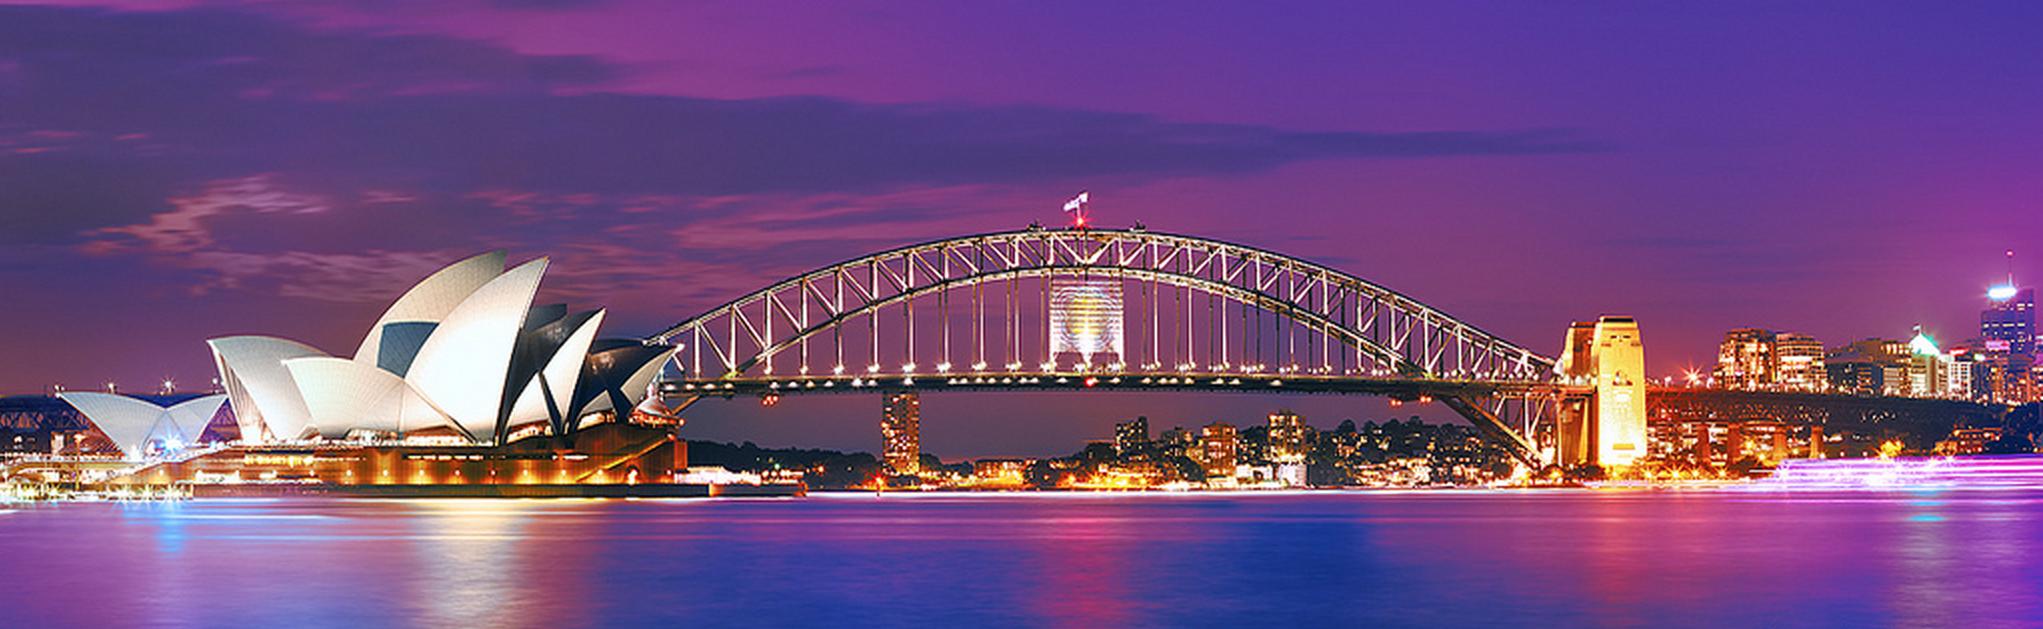 澳洲高品质生活 Amazing Australia